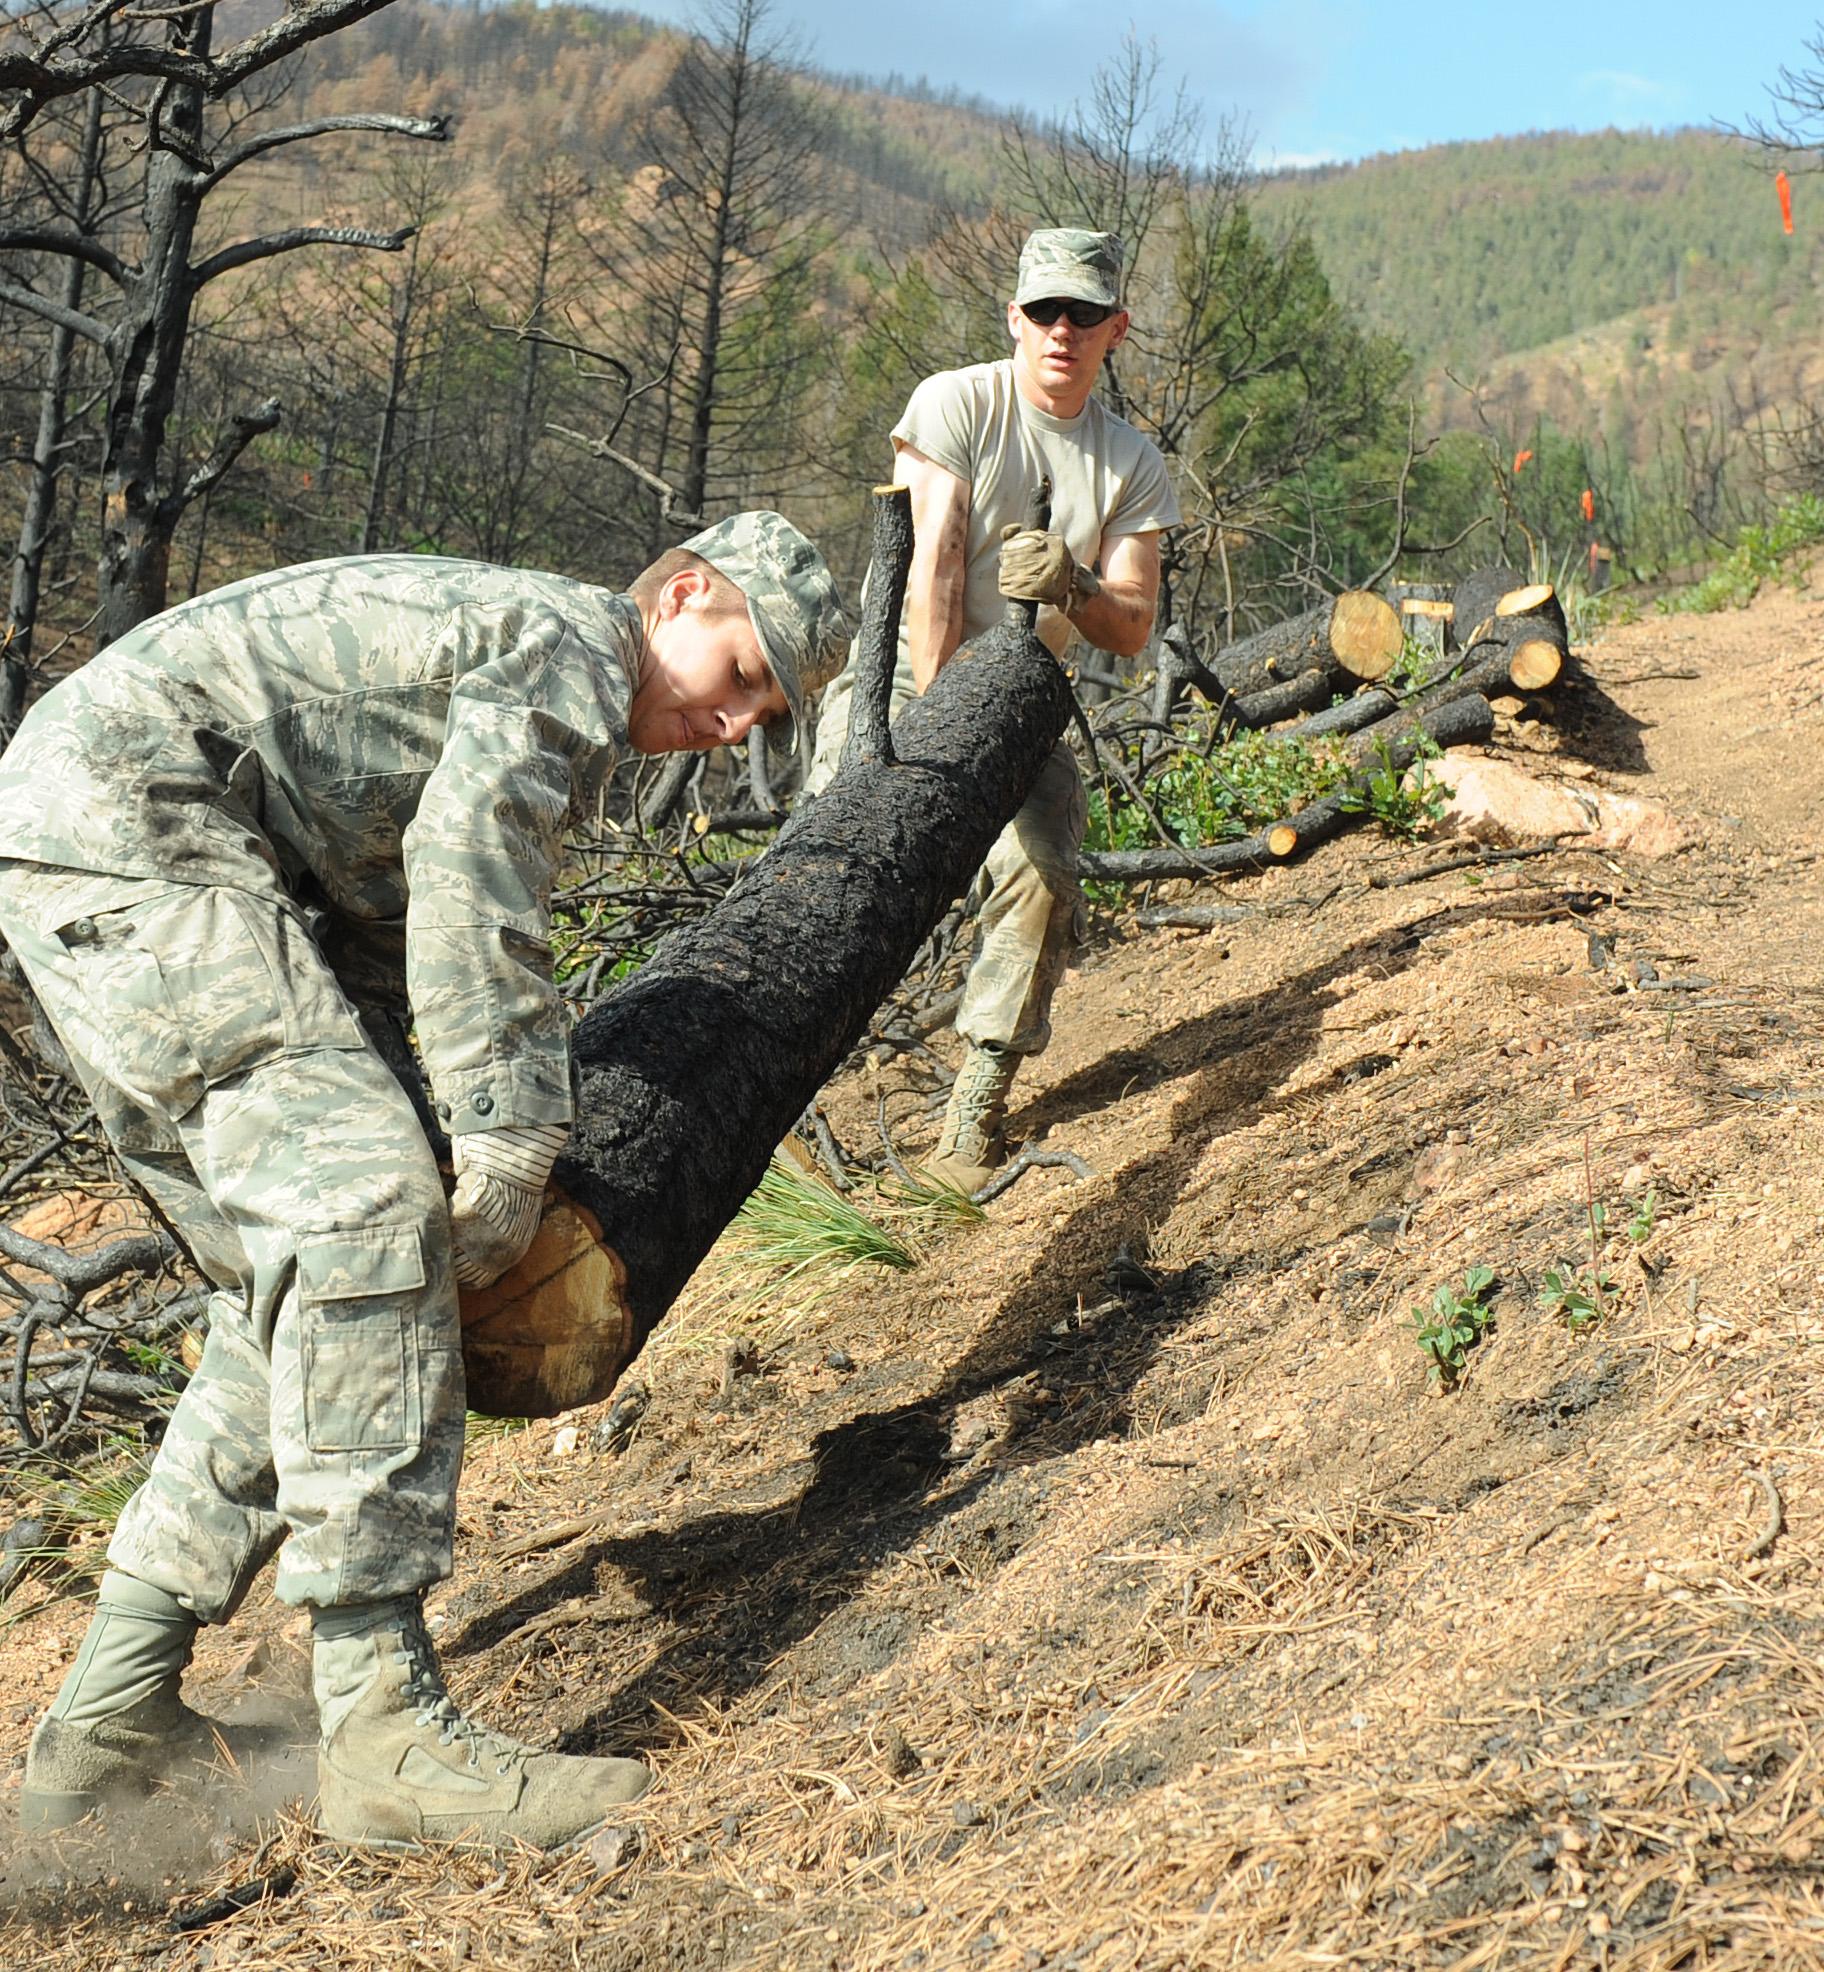 Colorado Springs Shooting Range: Photos